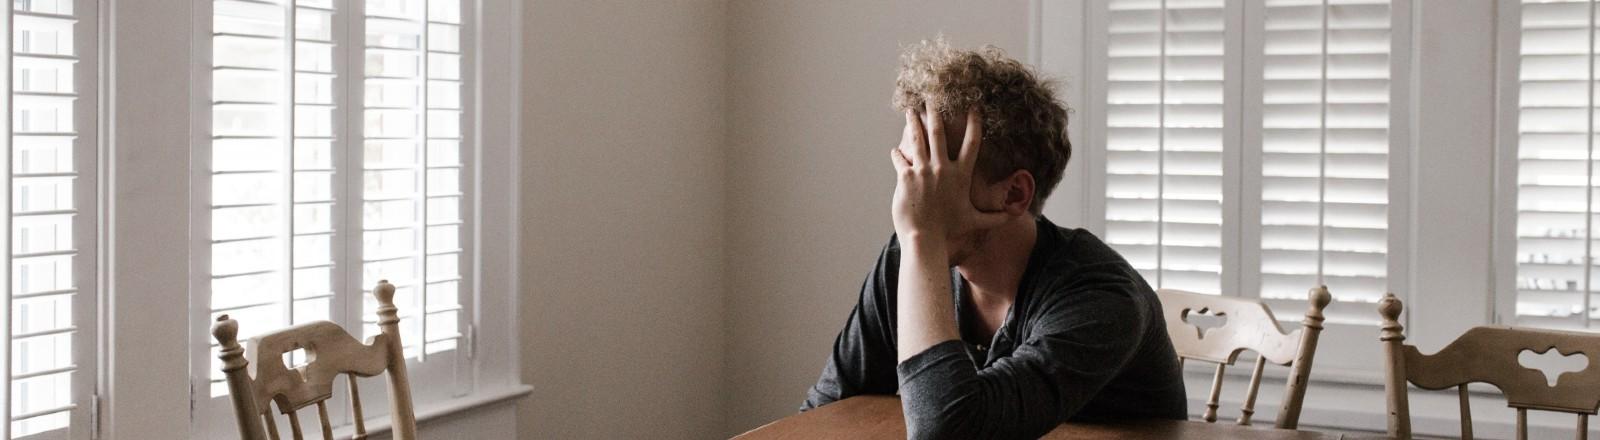 Ein Mann sitzt am Tisch, die Sonne scheint rein und er legt müde sein Gesicht in die Hand.